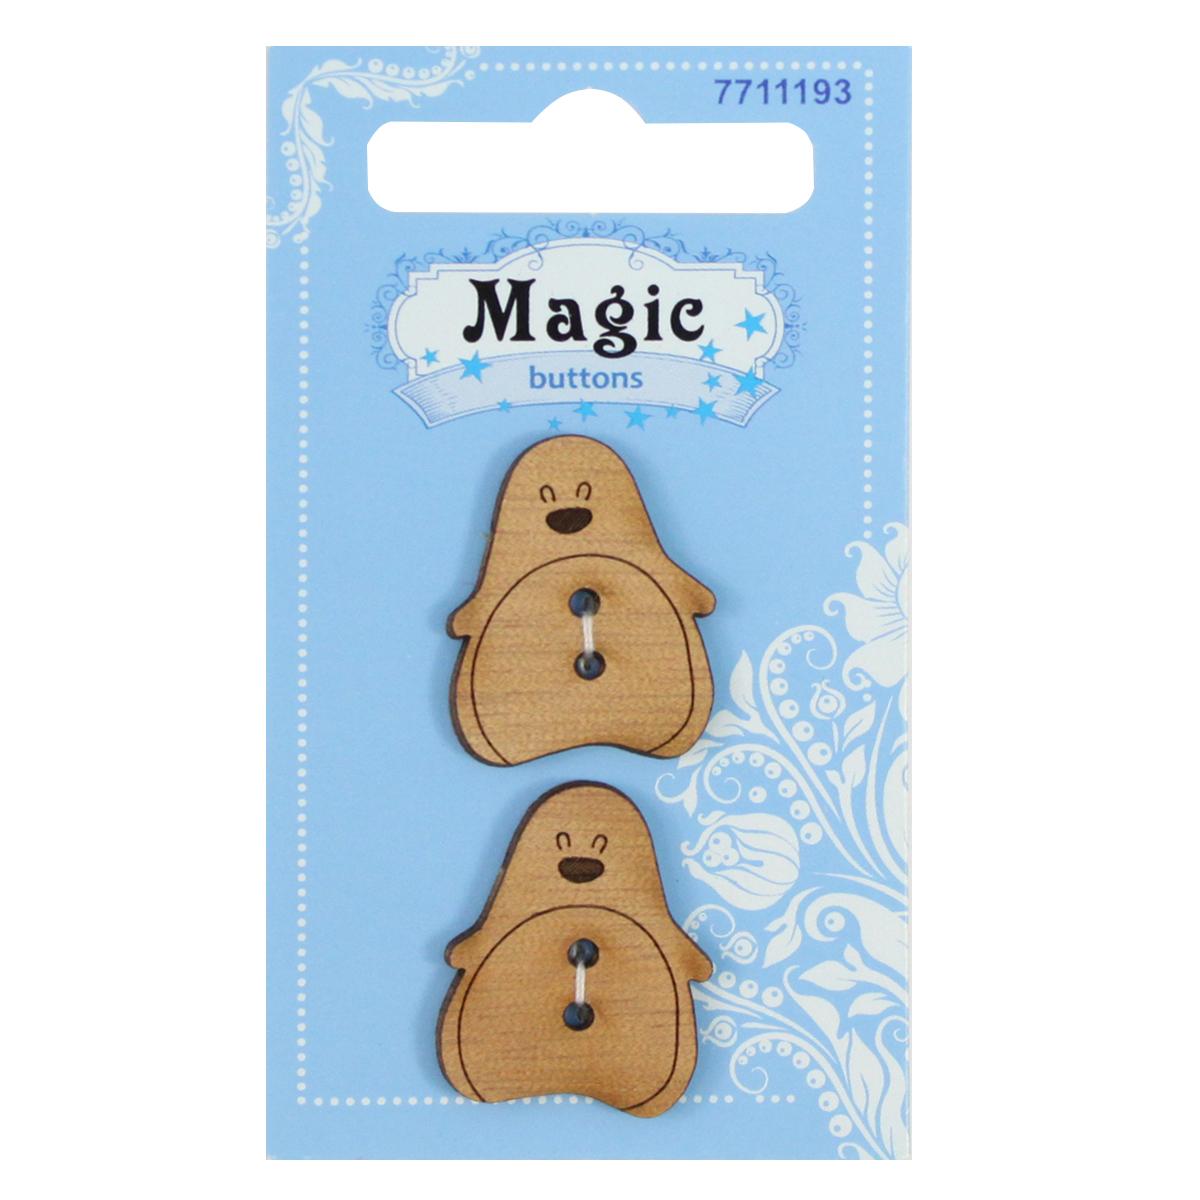 Пуговицы декоративные Magic Buttons Пингвин, 2 шт7711193Пуговицы бренда Magic Buttons восхищают разнообразием стилей. Они станут отличным дополнением в качестве завершающего штриха на одежде, кроме того их можно использовать в скрапбукинге, создавать с помощью них интересные открытки, подарочные конверты и многое, многое другое.